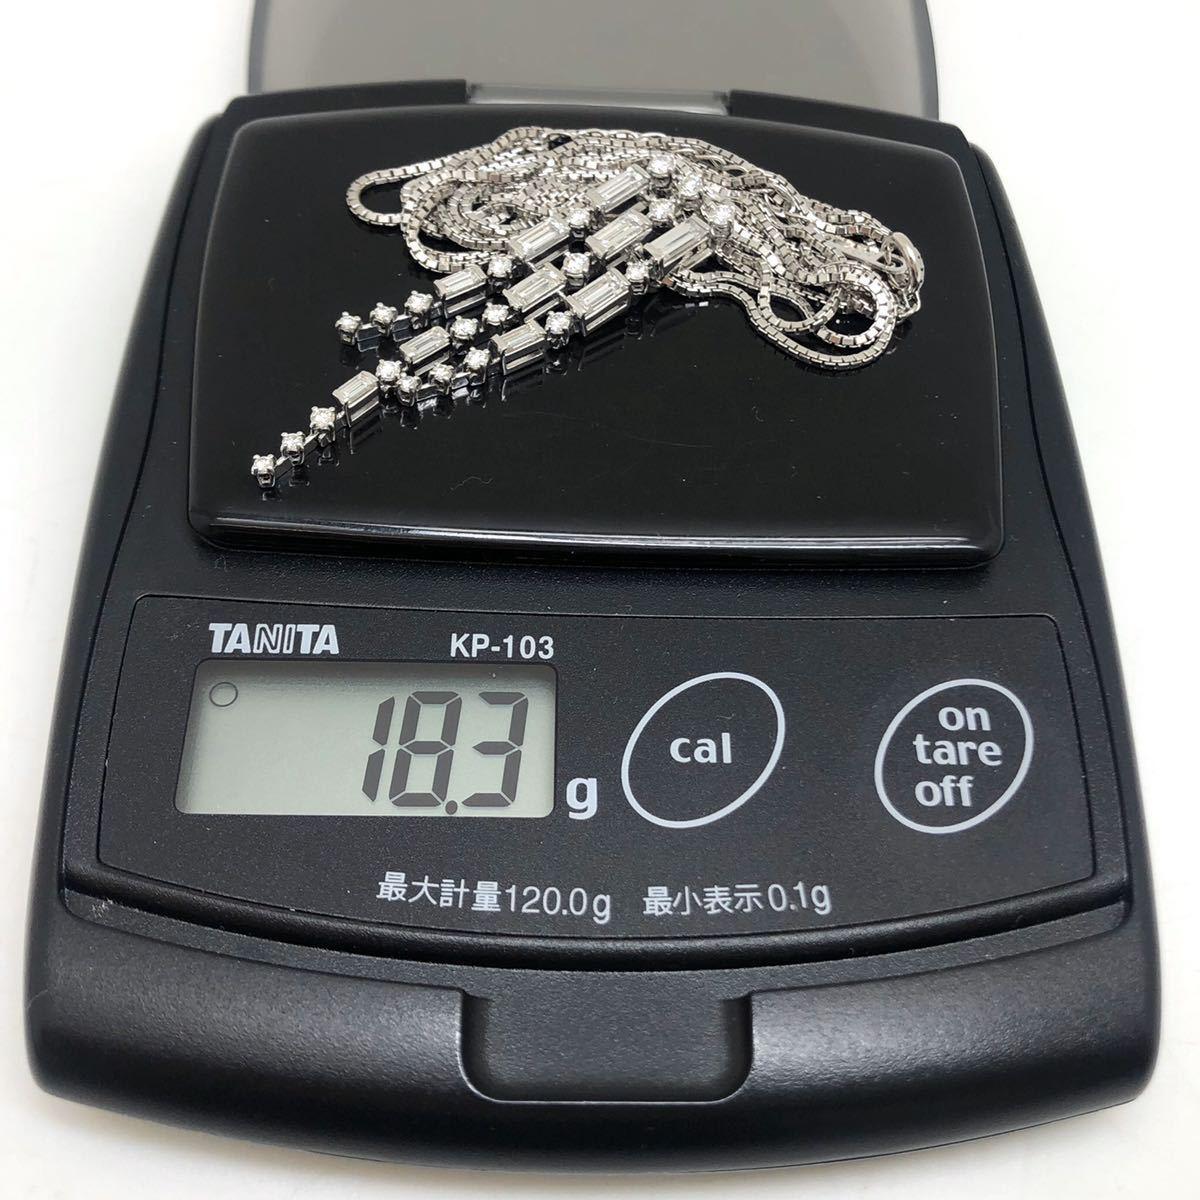 【TASAKI(田崎真珠)】天然ダイヤモンドネックレス/ペンダント 2.29ct Pt900/Pt850 18.3g 【新品仕上げ済】FA3_画像9